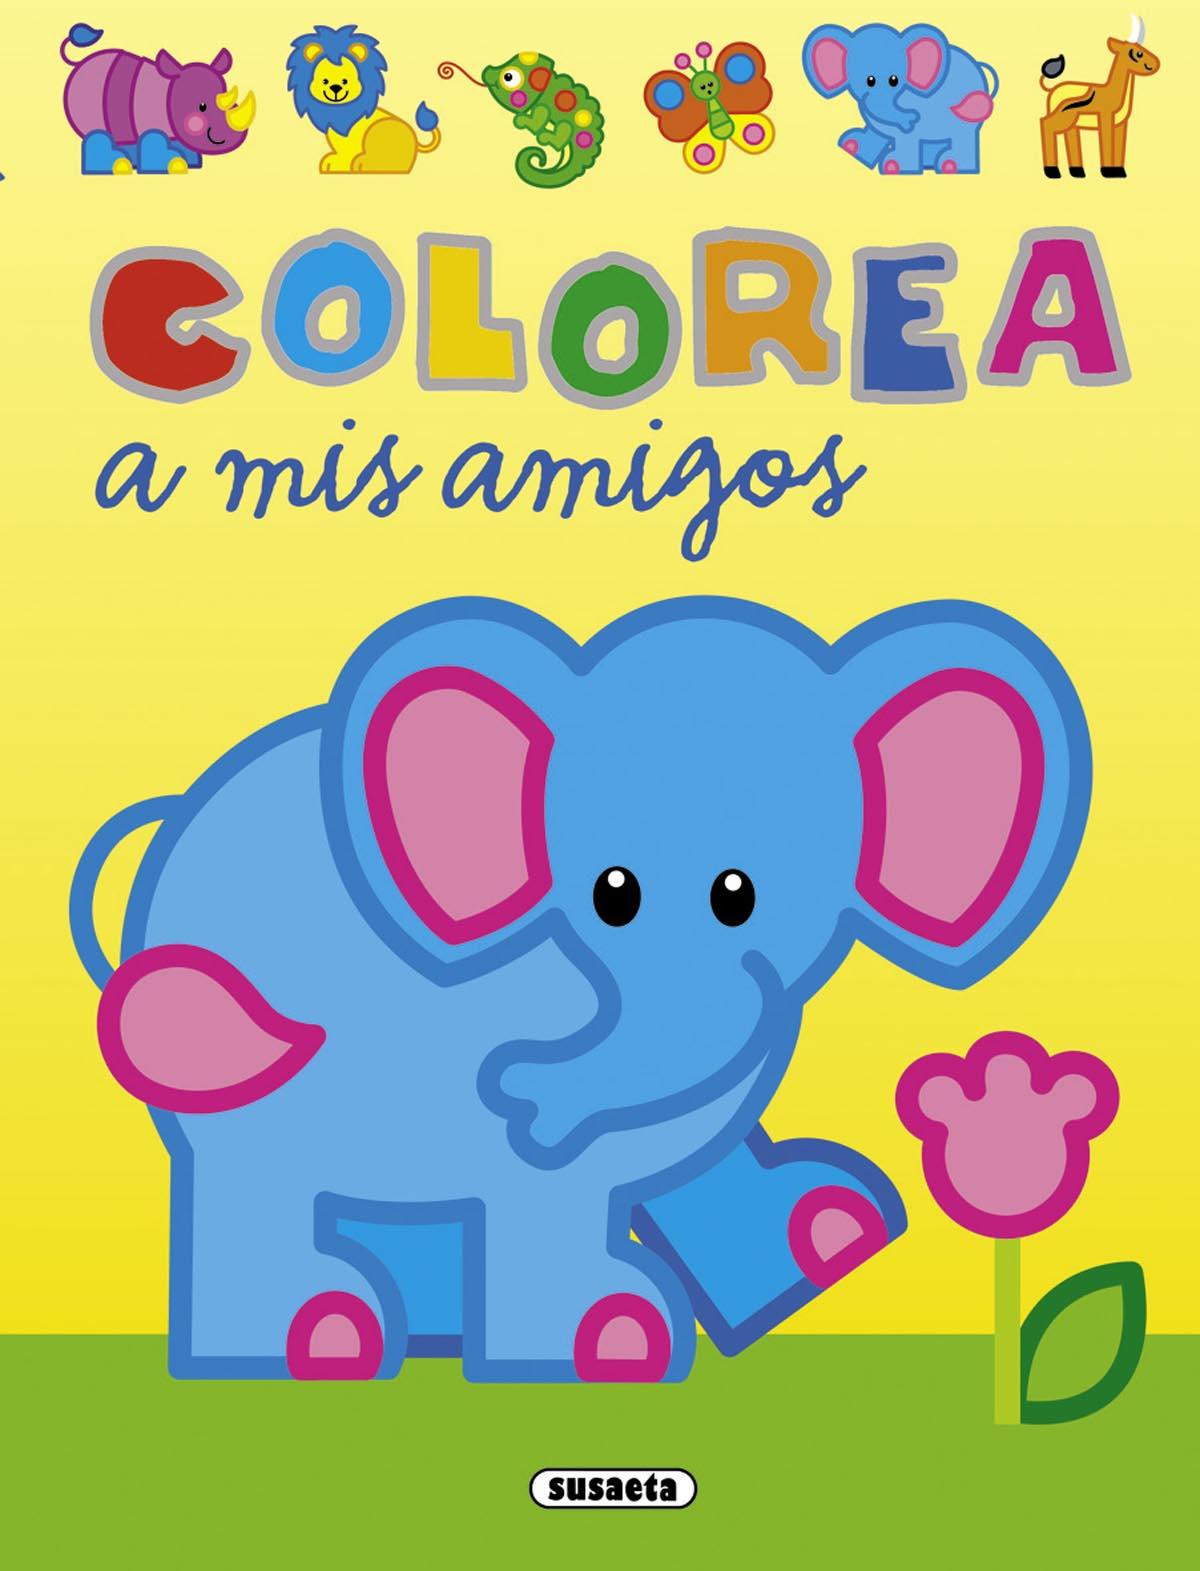 Colorea a mis amigos